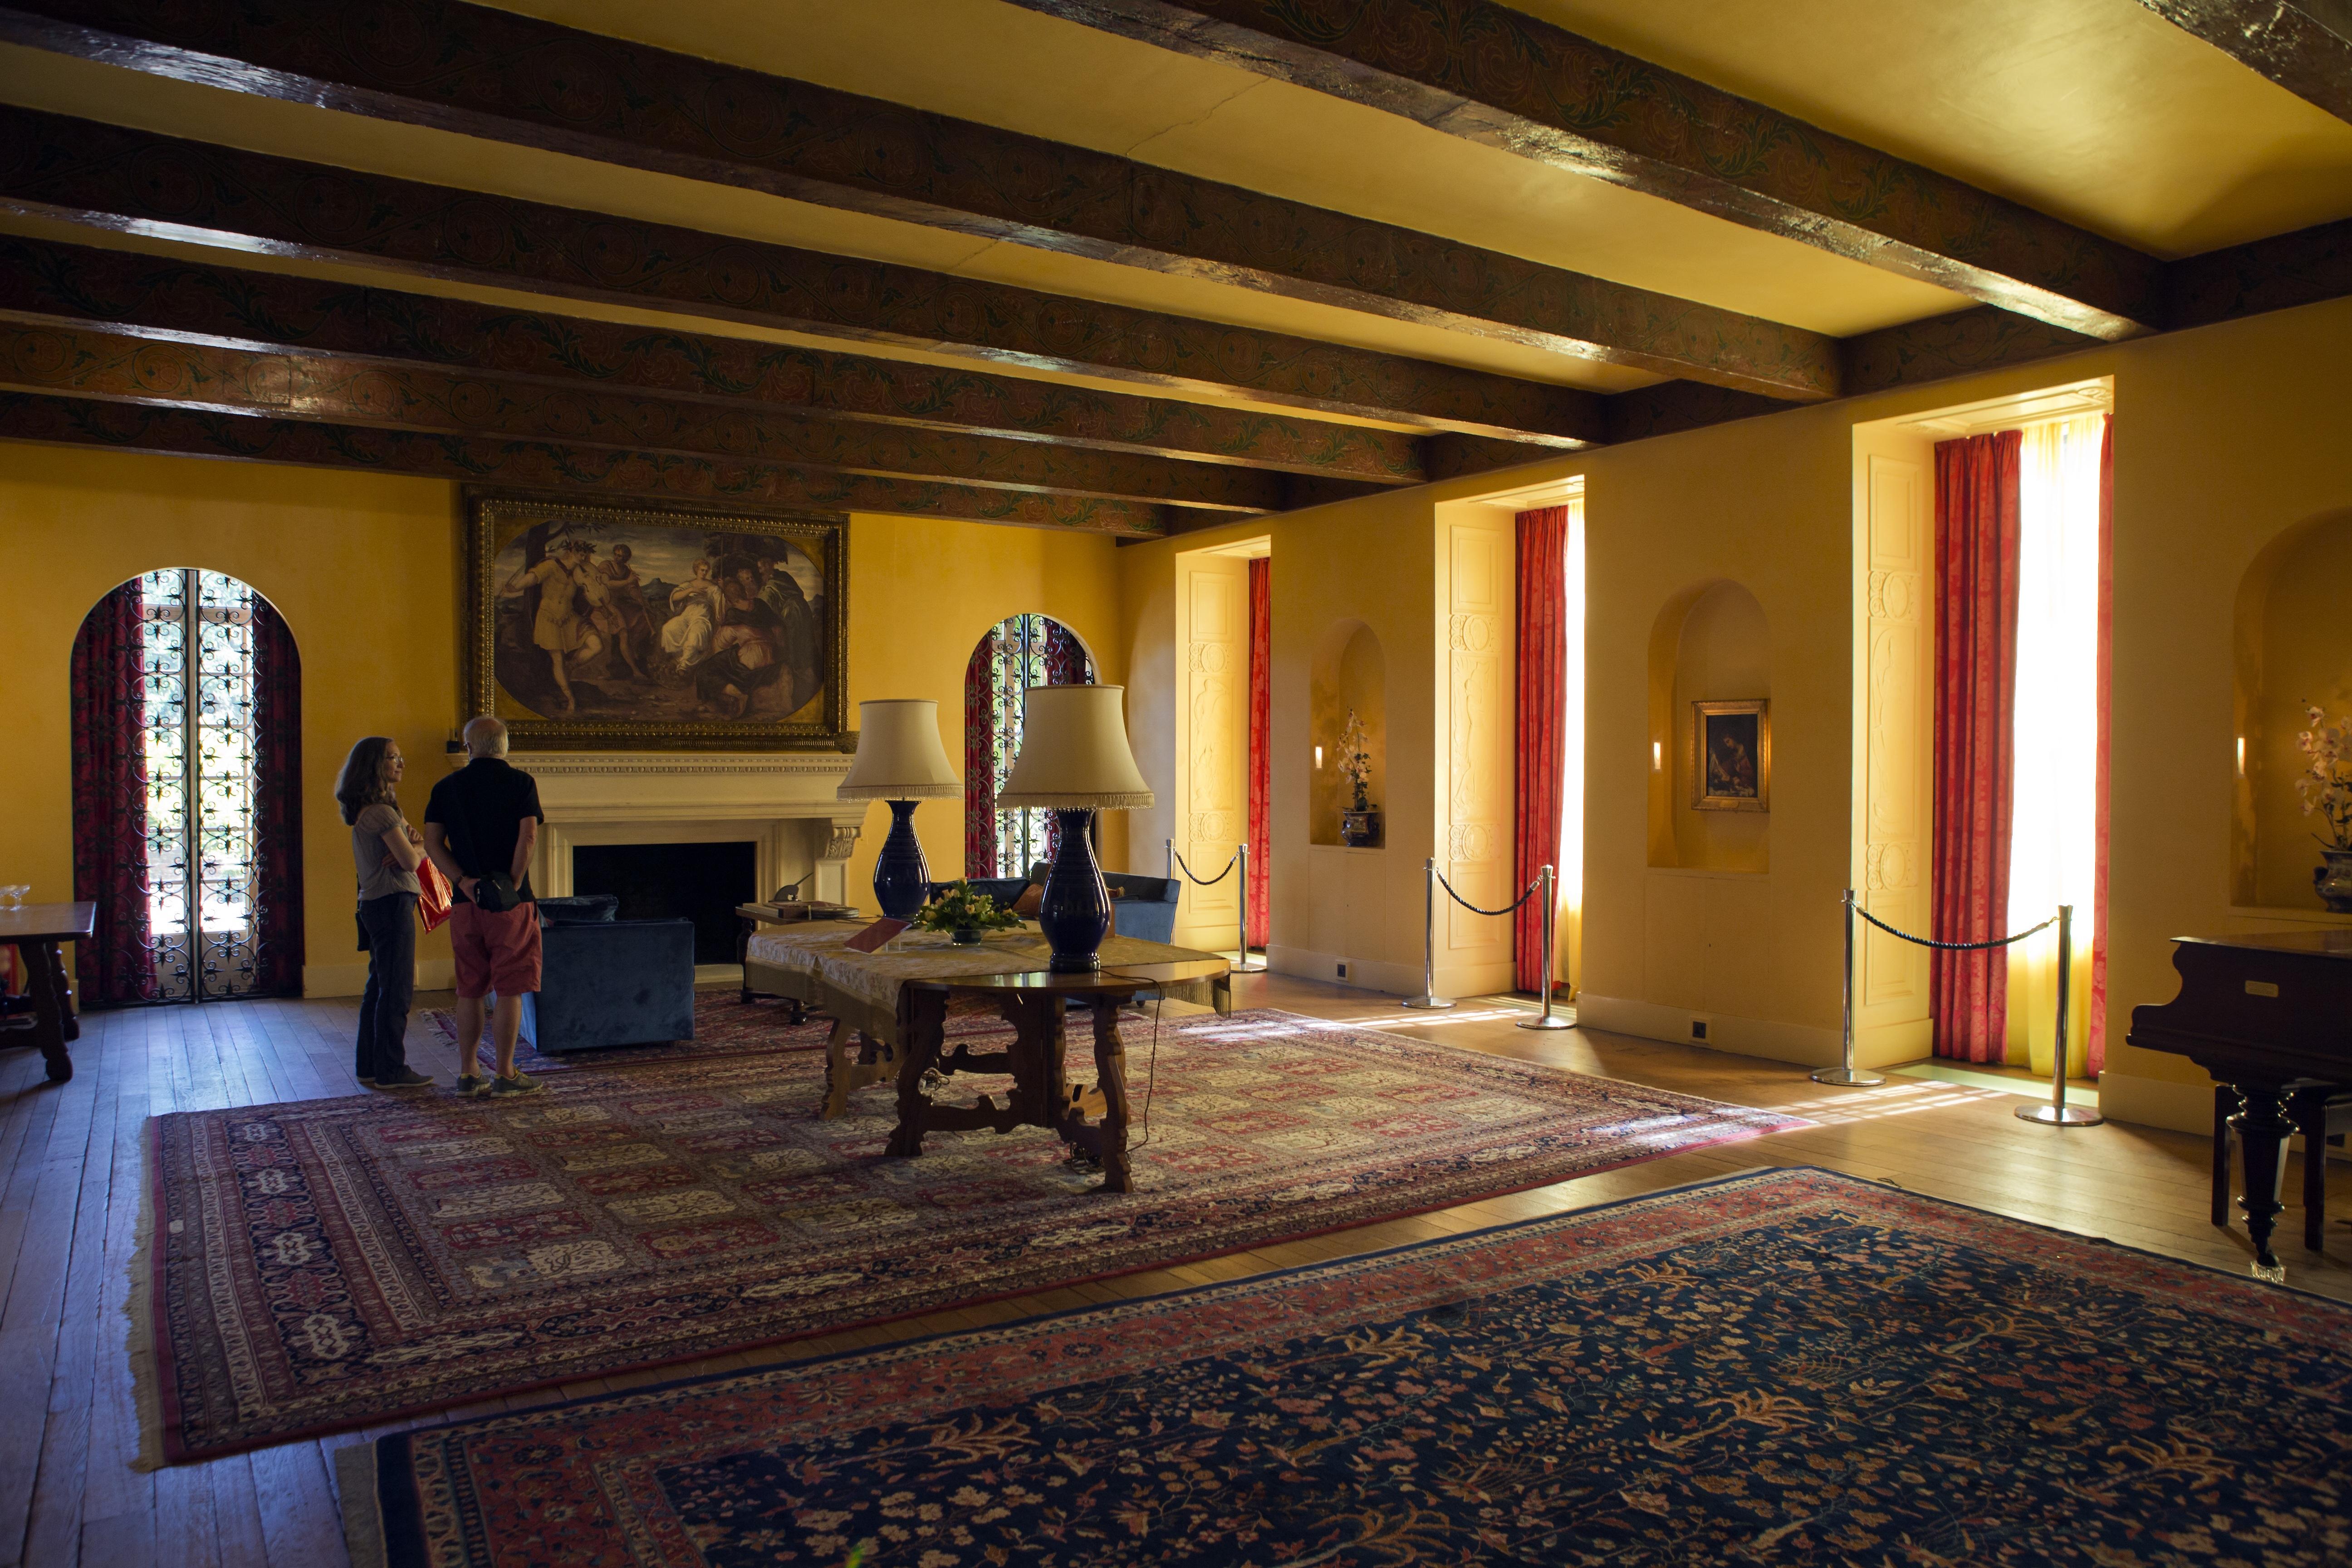 Innenarchitektur Halle kostenlose foto villa palast zuhause halle innenarchitektur